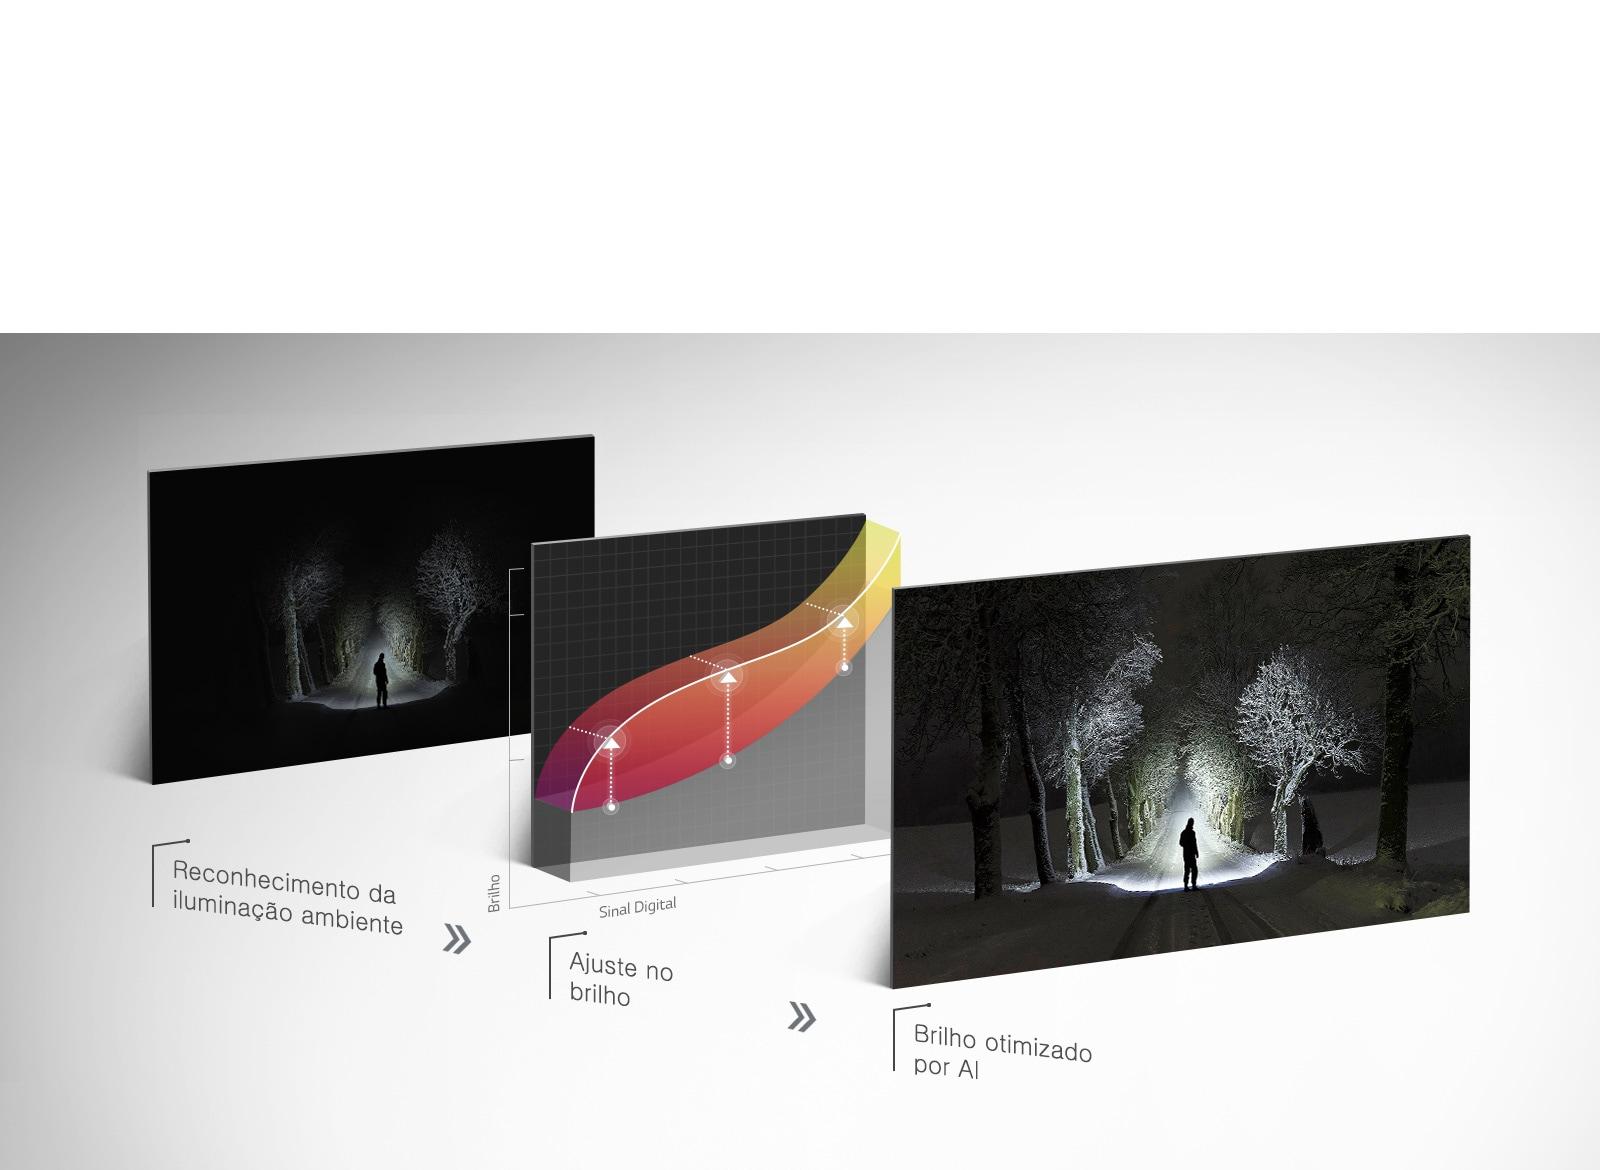 AI Brightness O sensor da TV detecta a luz do ambiente